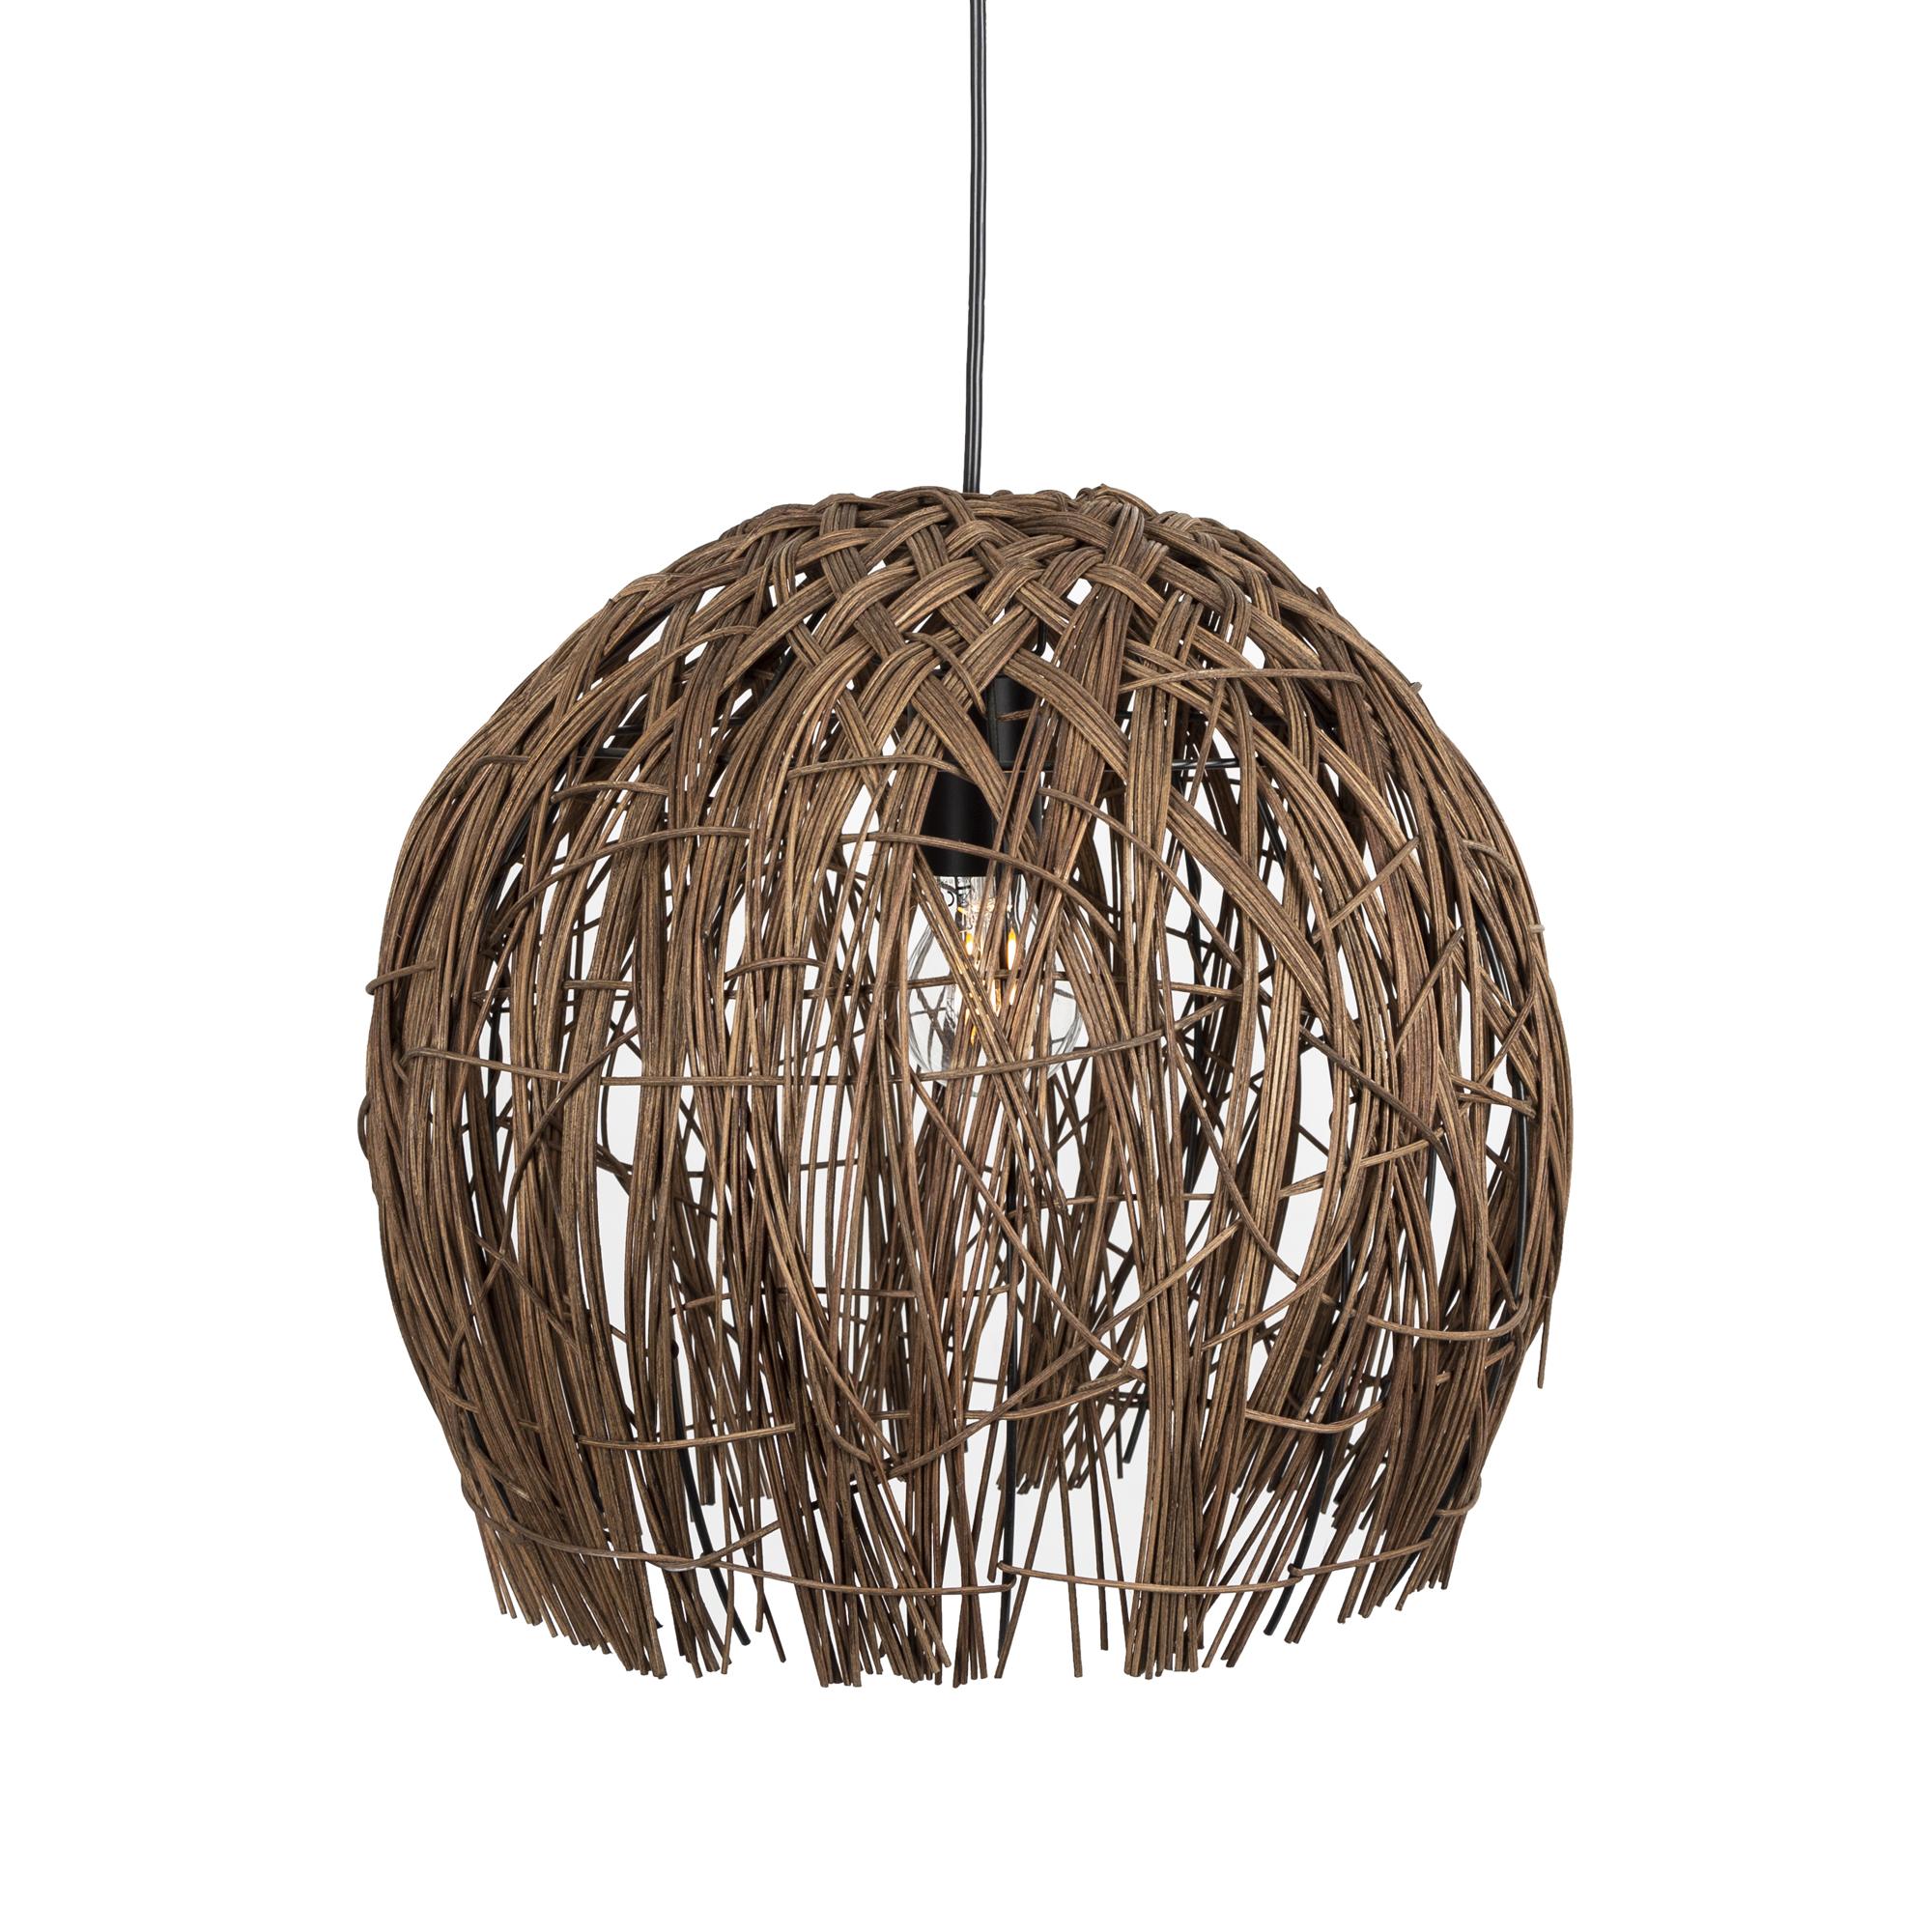 Cocoon hanglamp bruin